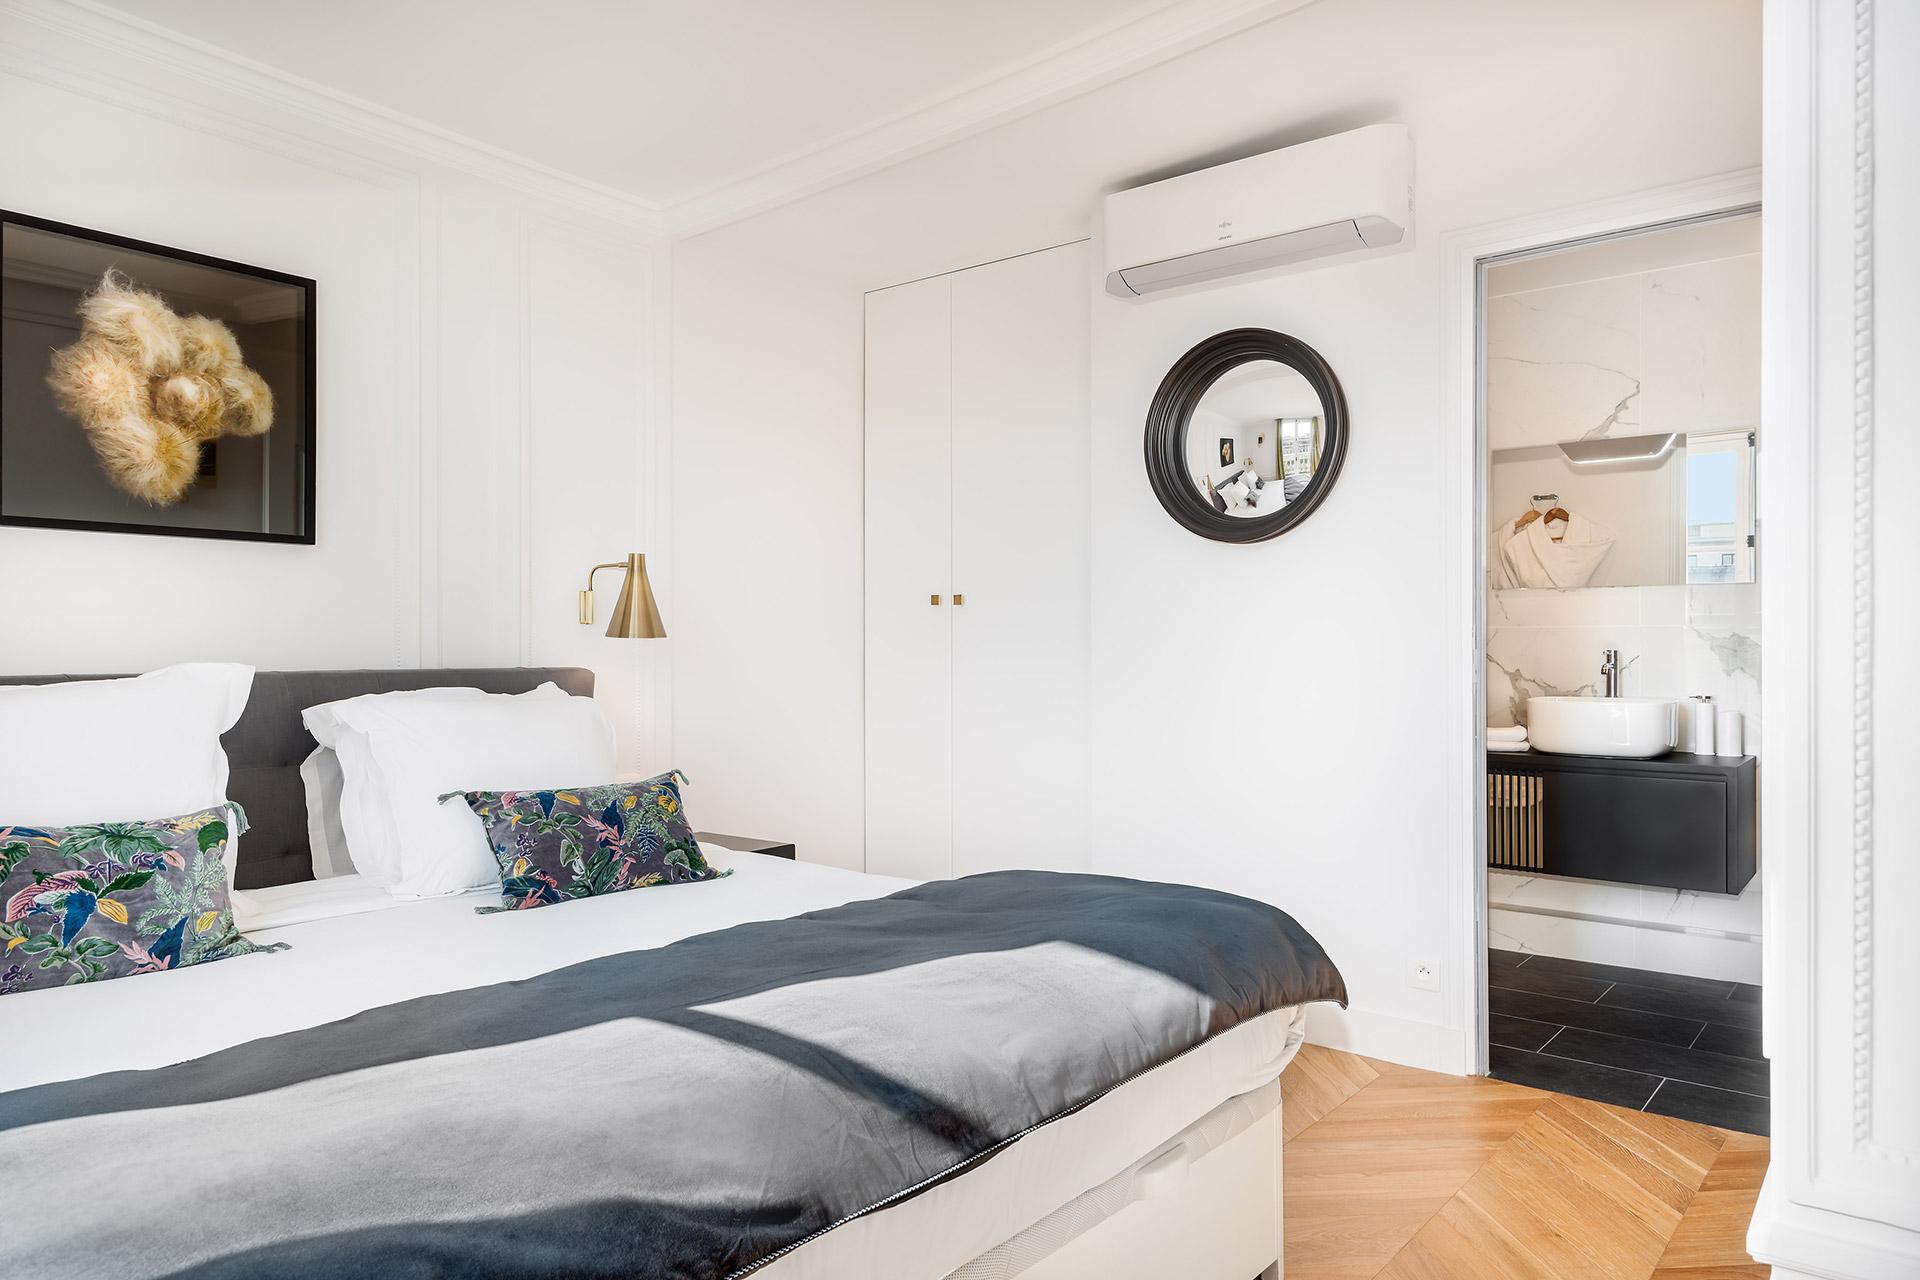 En suite bathroom 2 in the Chevalier vacation rental by Paris Perfect